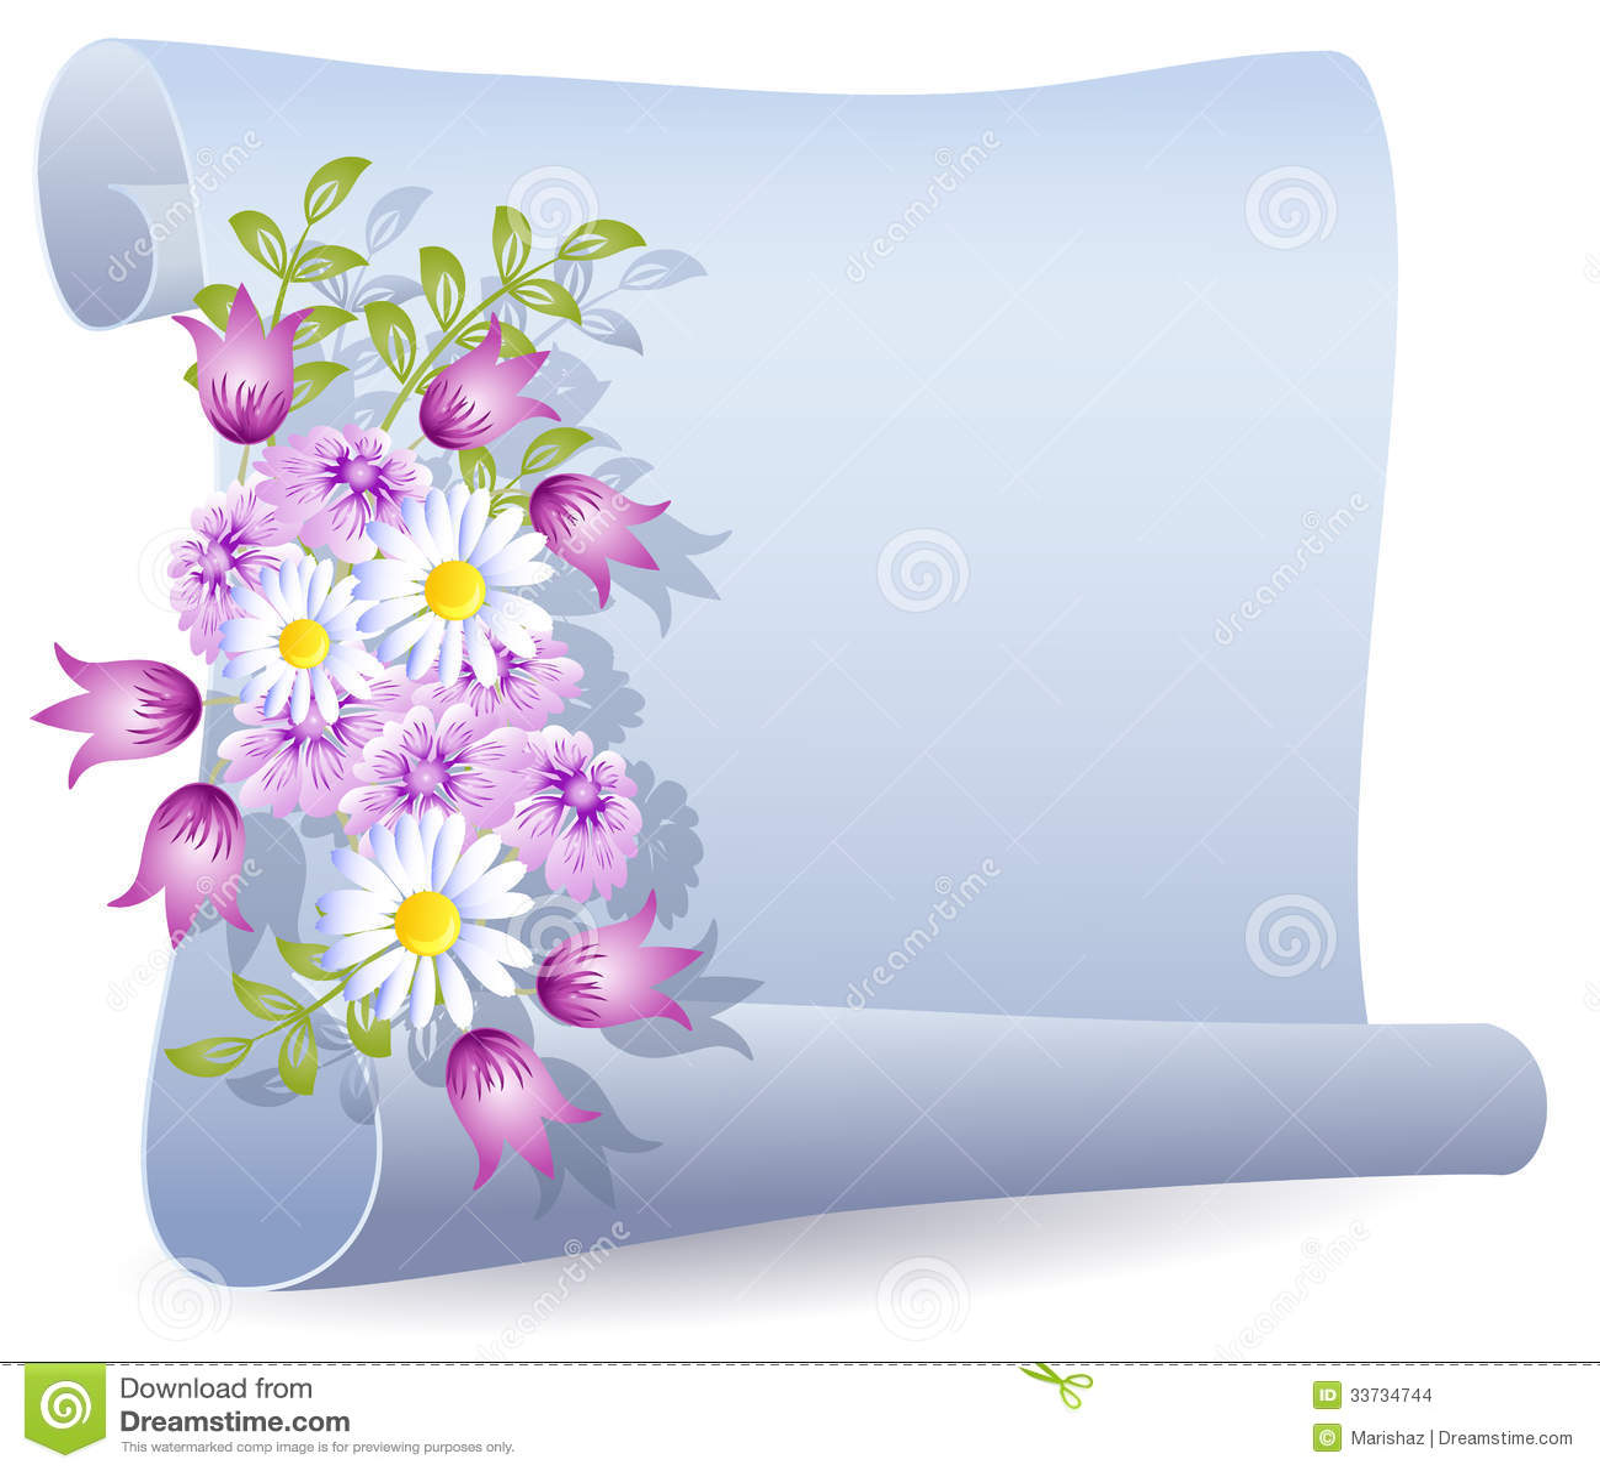 Pergamena con i fiori illustrazione vettoriale immagine for Immagine pergamena da colorare